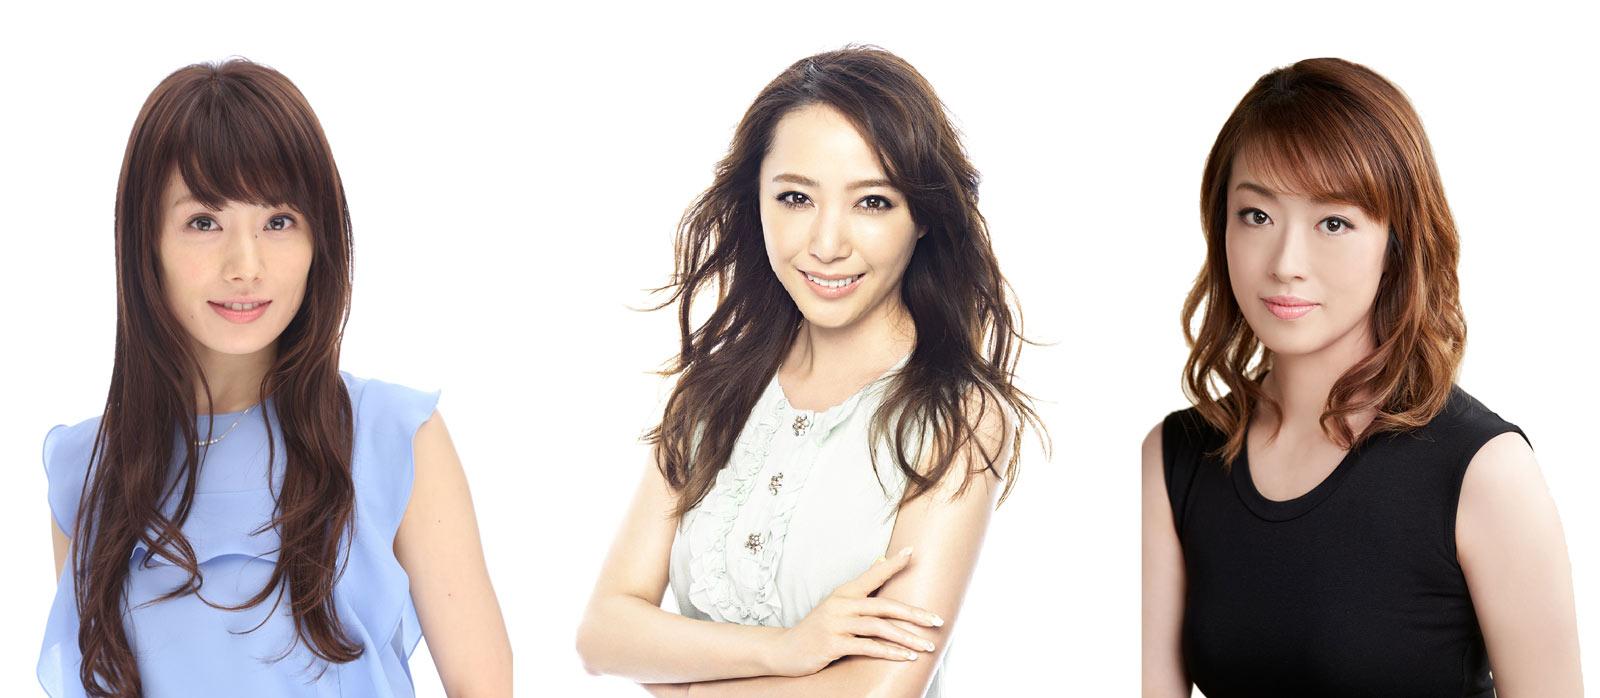 左から舞羽美海さん、貴城けいさん、北翔海莉さん